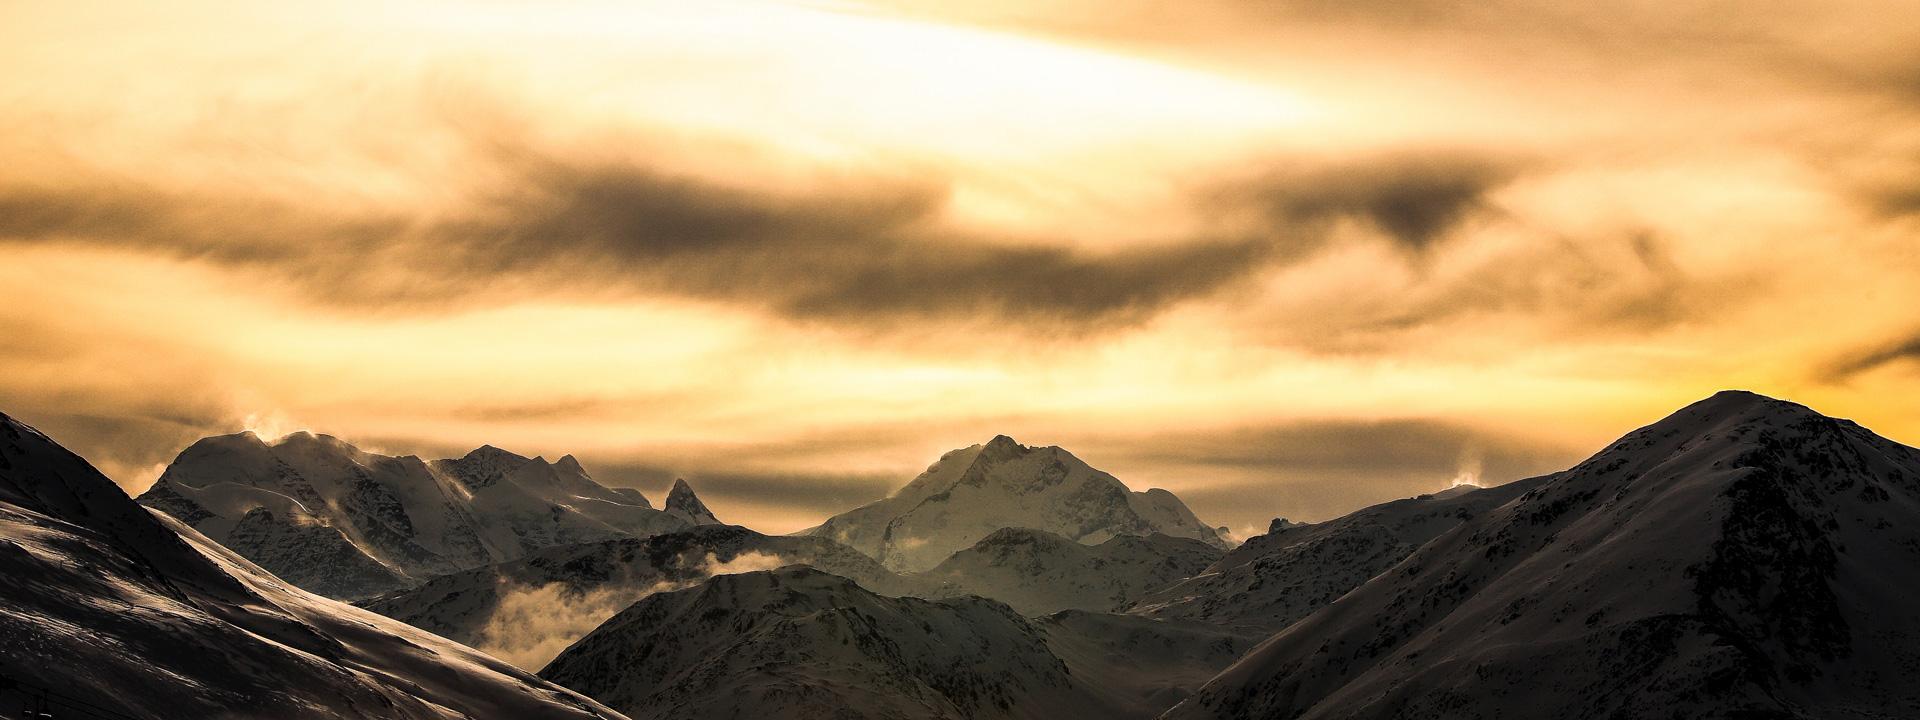 Cime innevate delle Alpi di Livigno